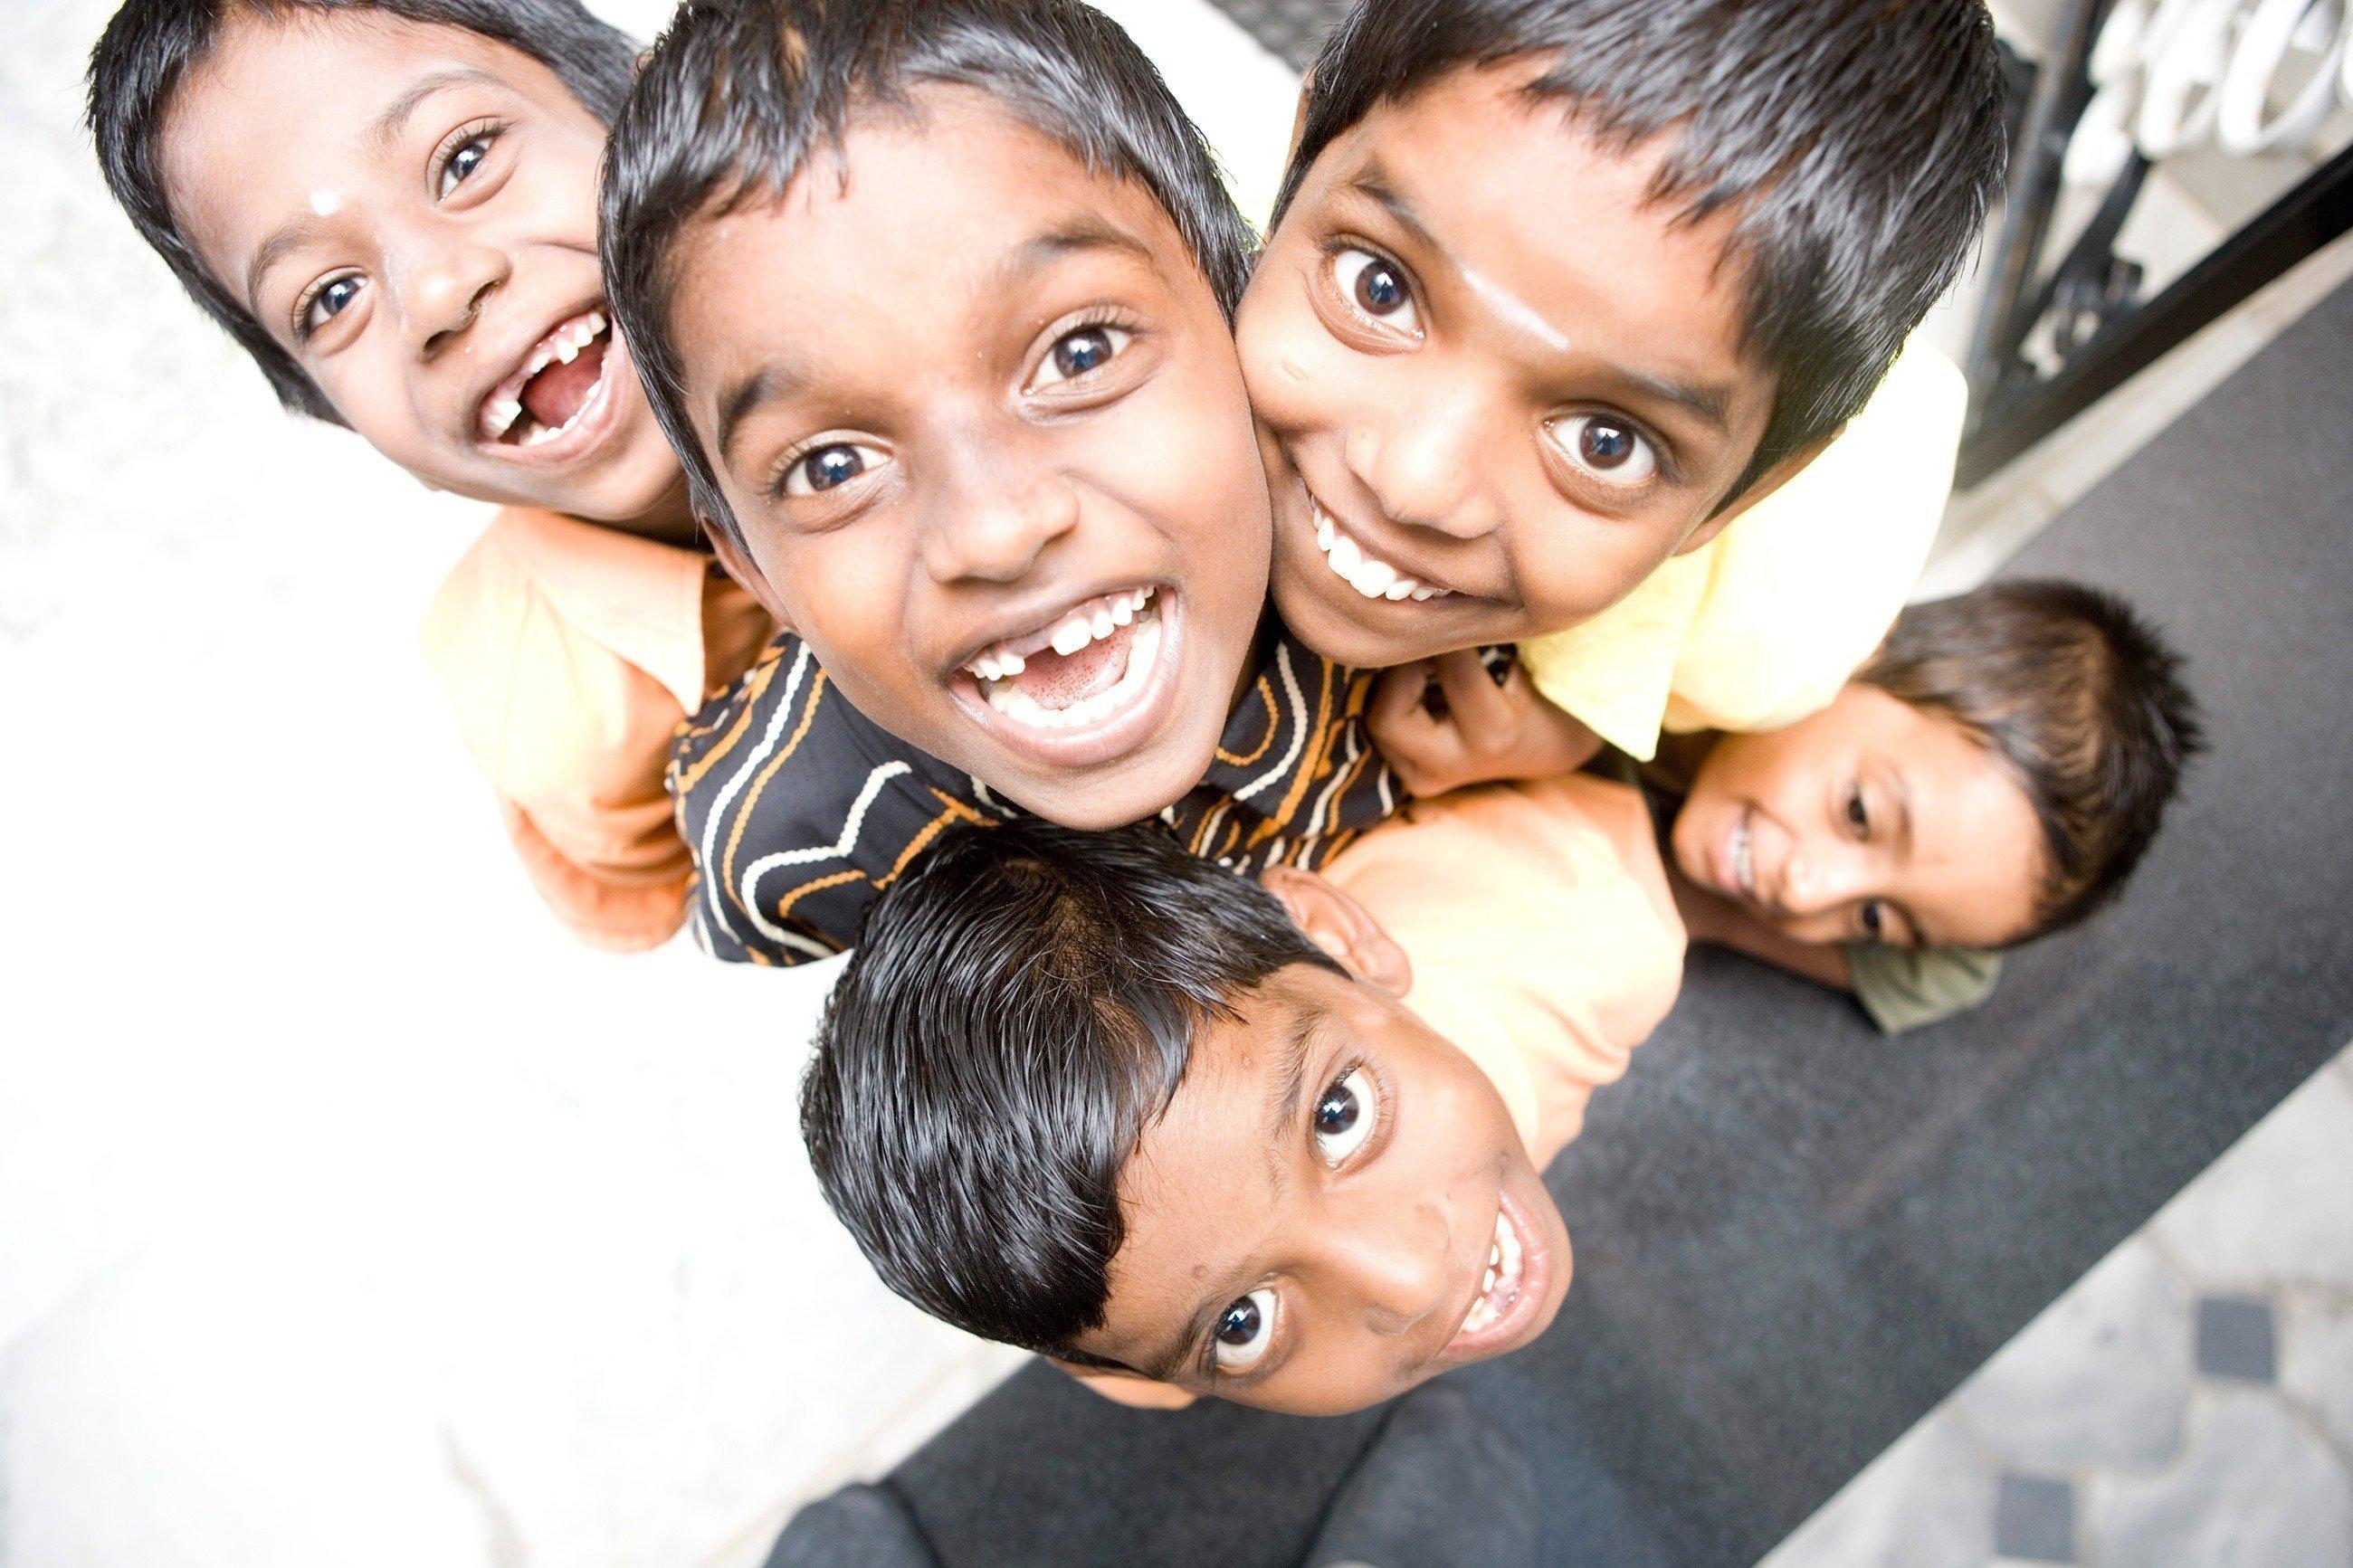 Indische Kinder schauen lachend nach oben in die Kamera.